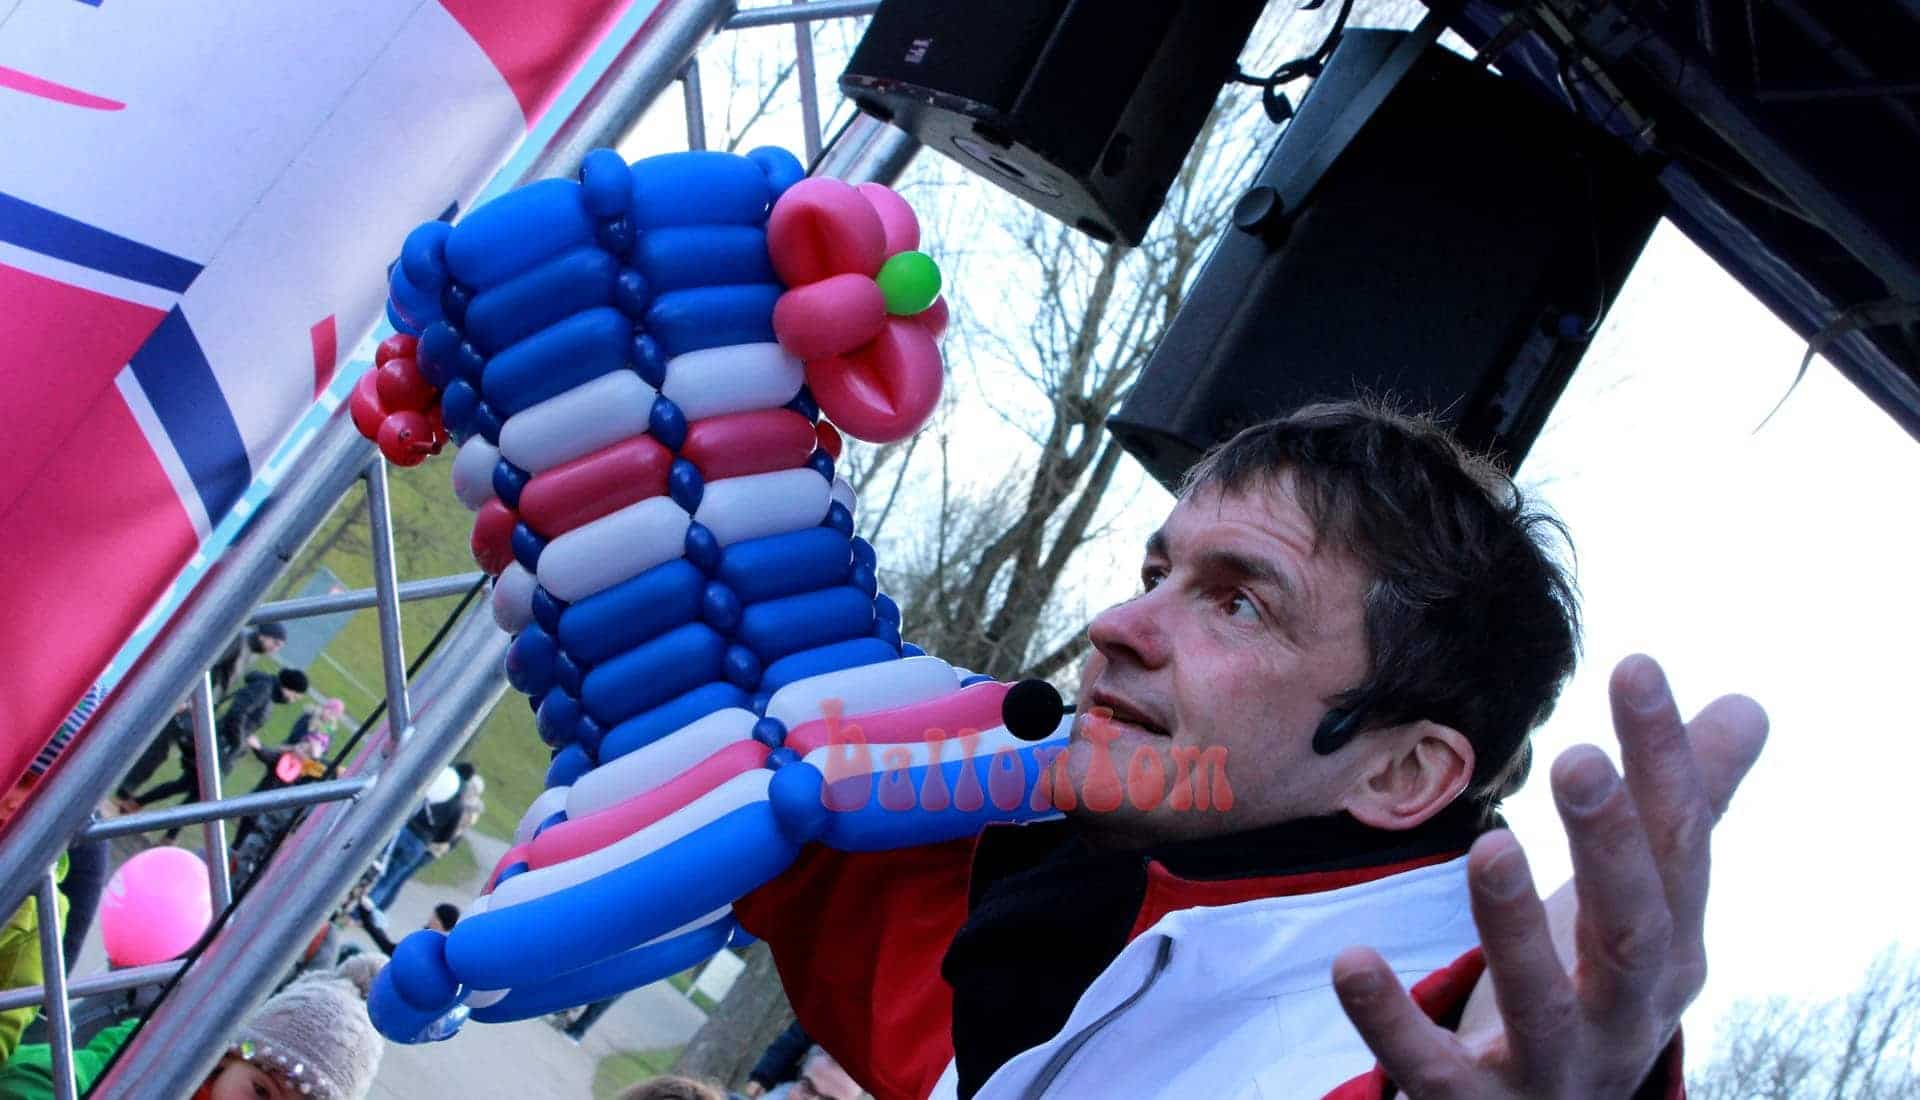 Abschied von einem riesigen Ballonworkshop im Olympiapark München mit Ballonentertainer ballontom